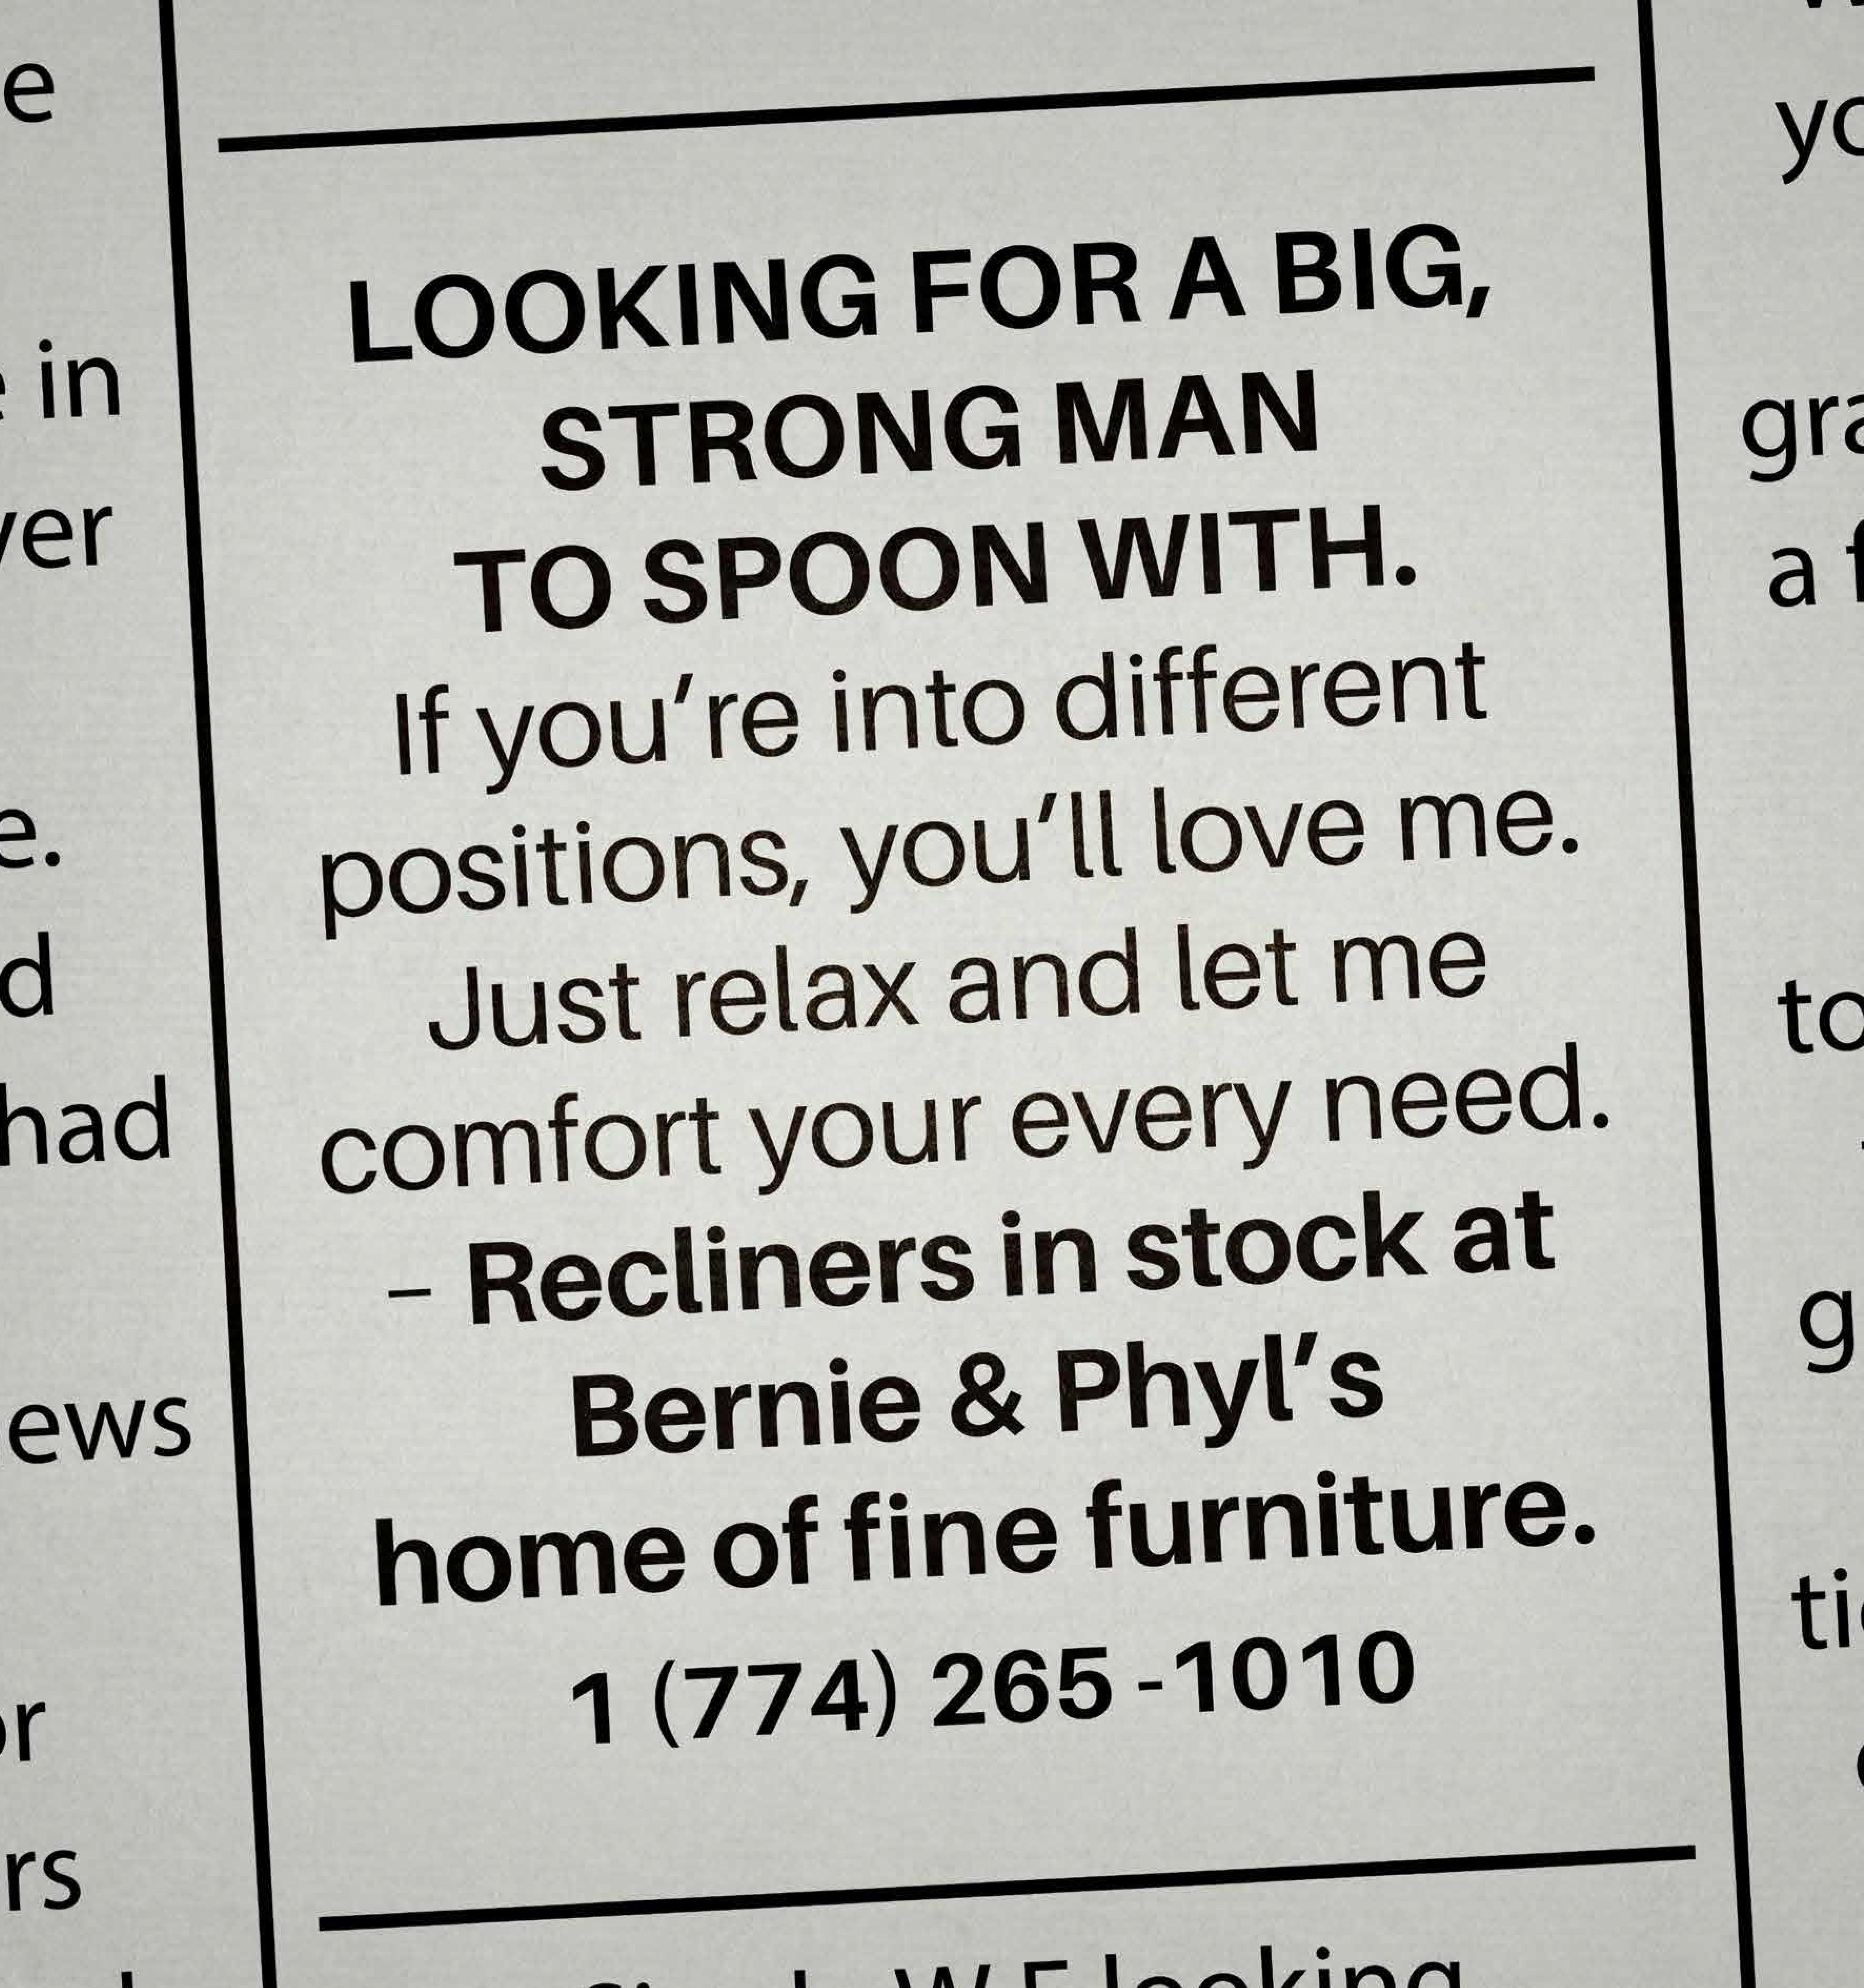 Bernie u0026&; Phylu0026#039;s Print Ad - Personal ads 4  sc 1 st  Ads of the World & Bernie u0026 Phylu0027s Print Advert By Devito/Verdi: Personal ads 4 ... islam-shia.org